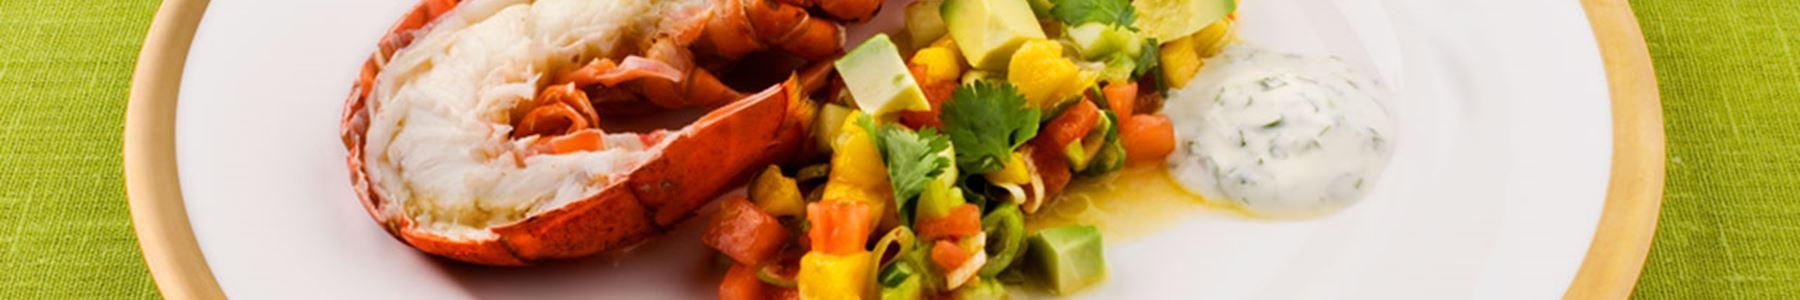 Grönsaker + Mango + Förrätt